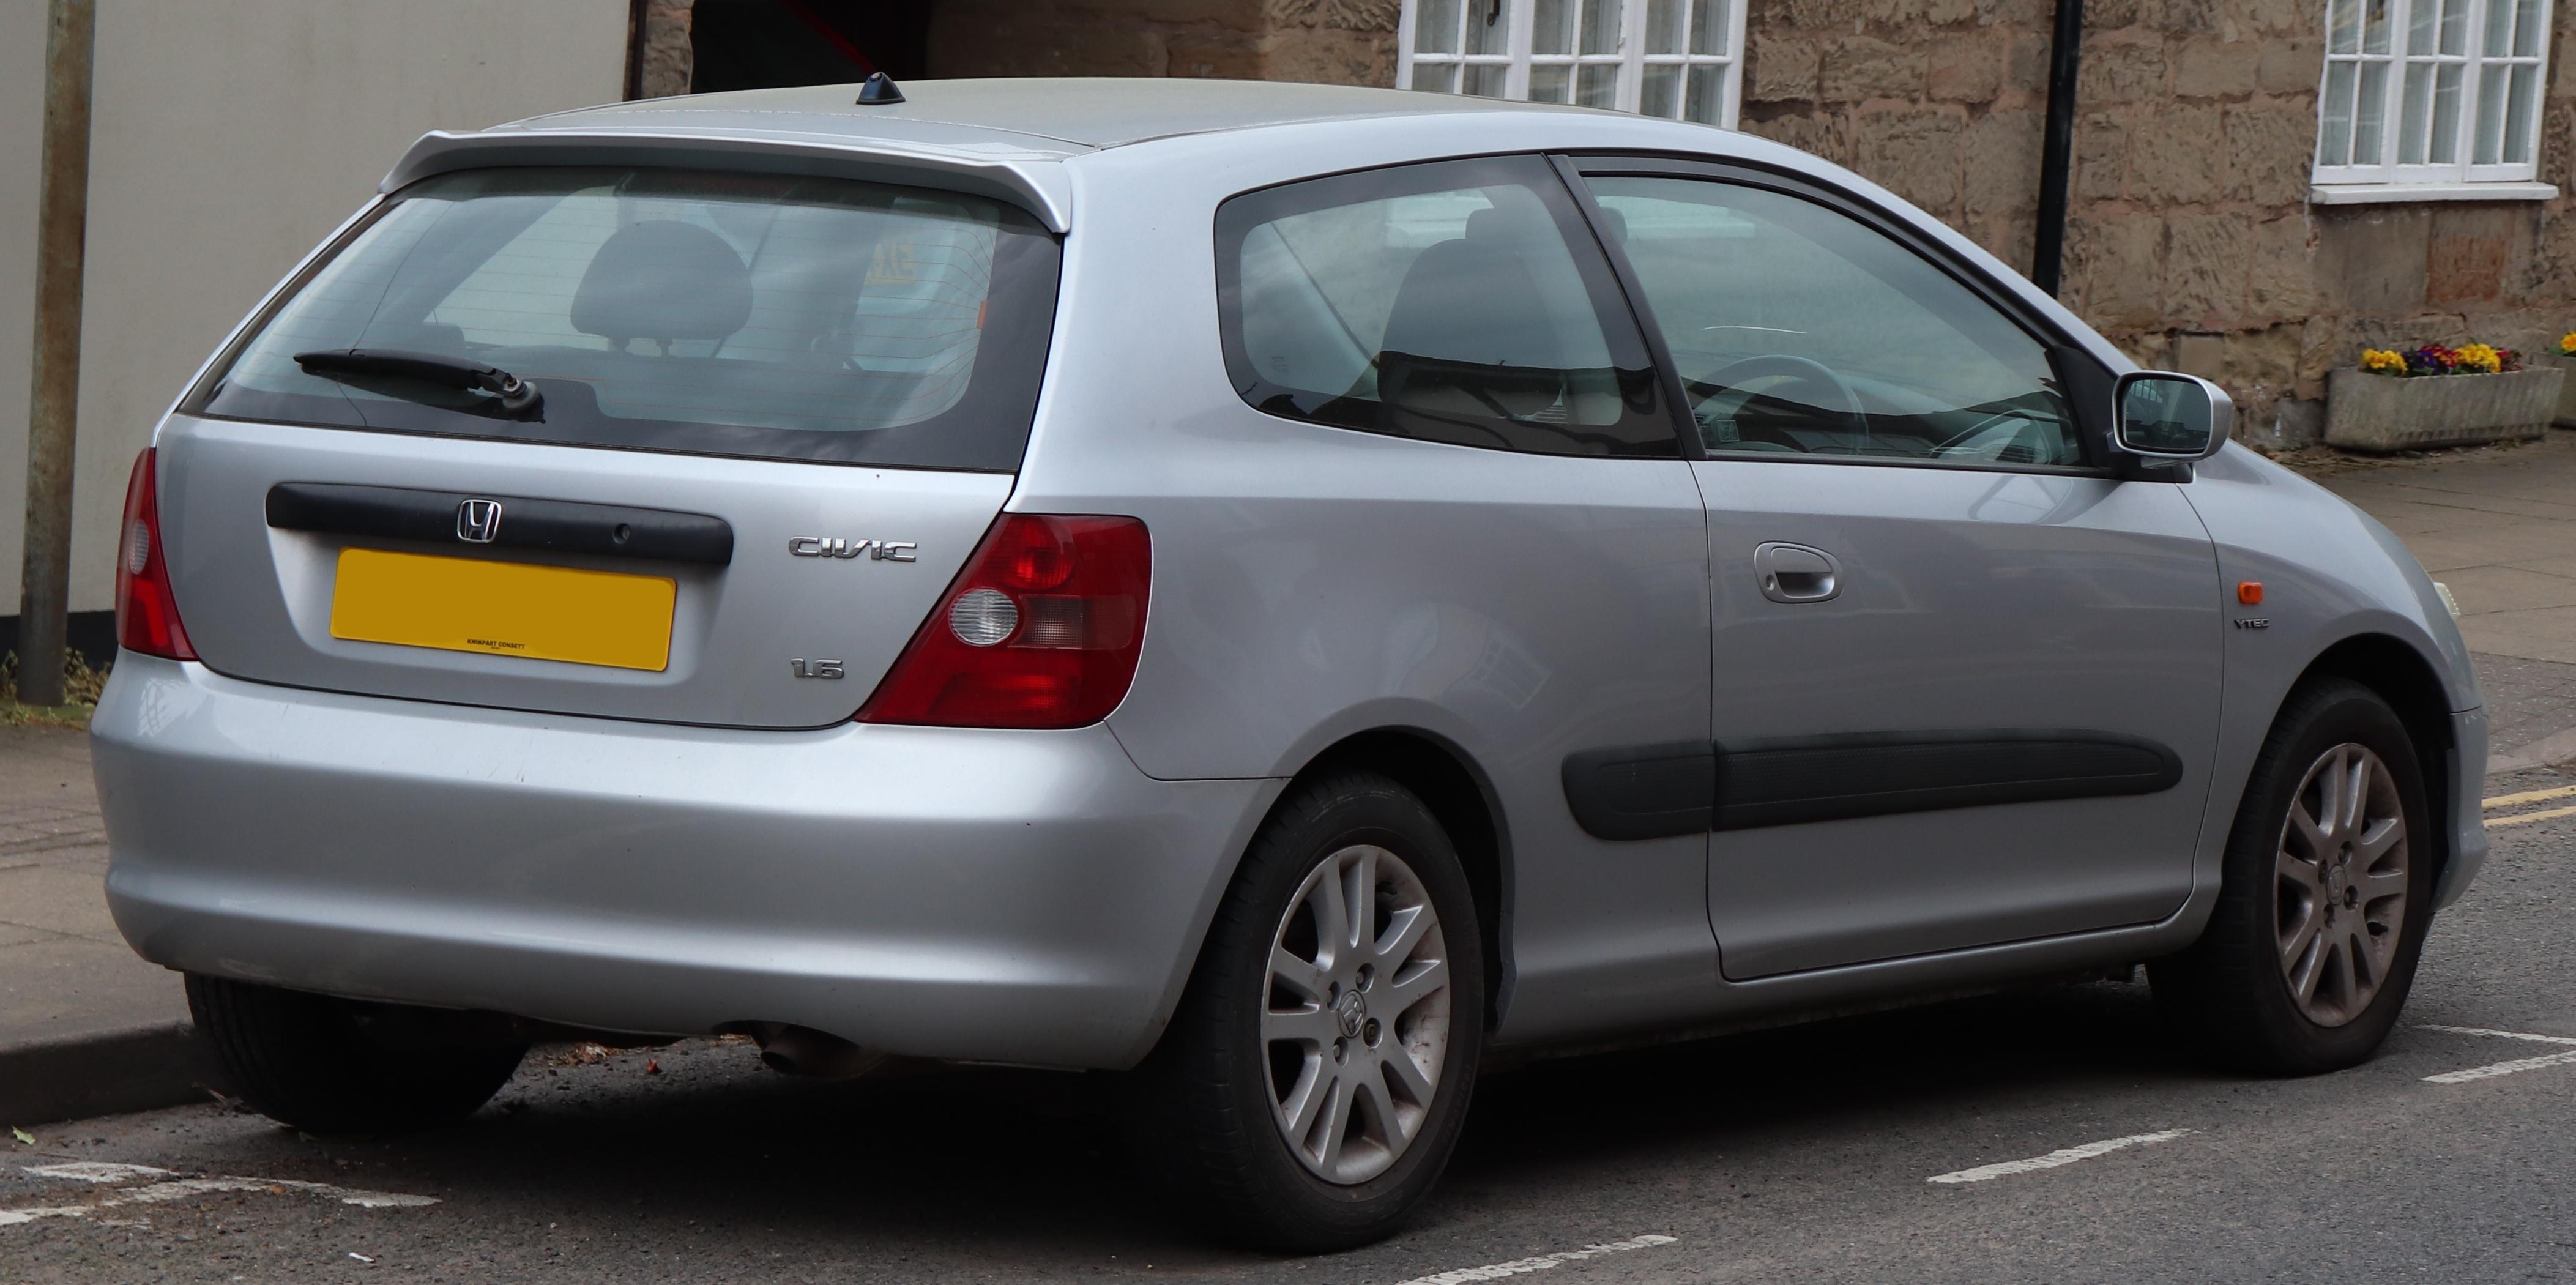 Kelebihan Honda Civic 2002 Harga